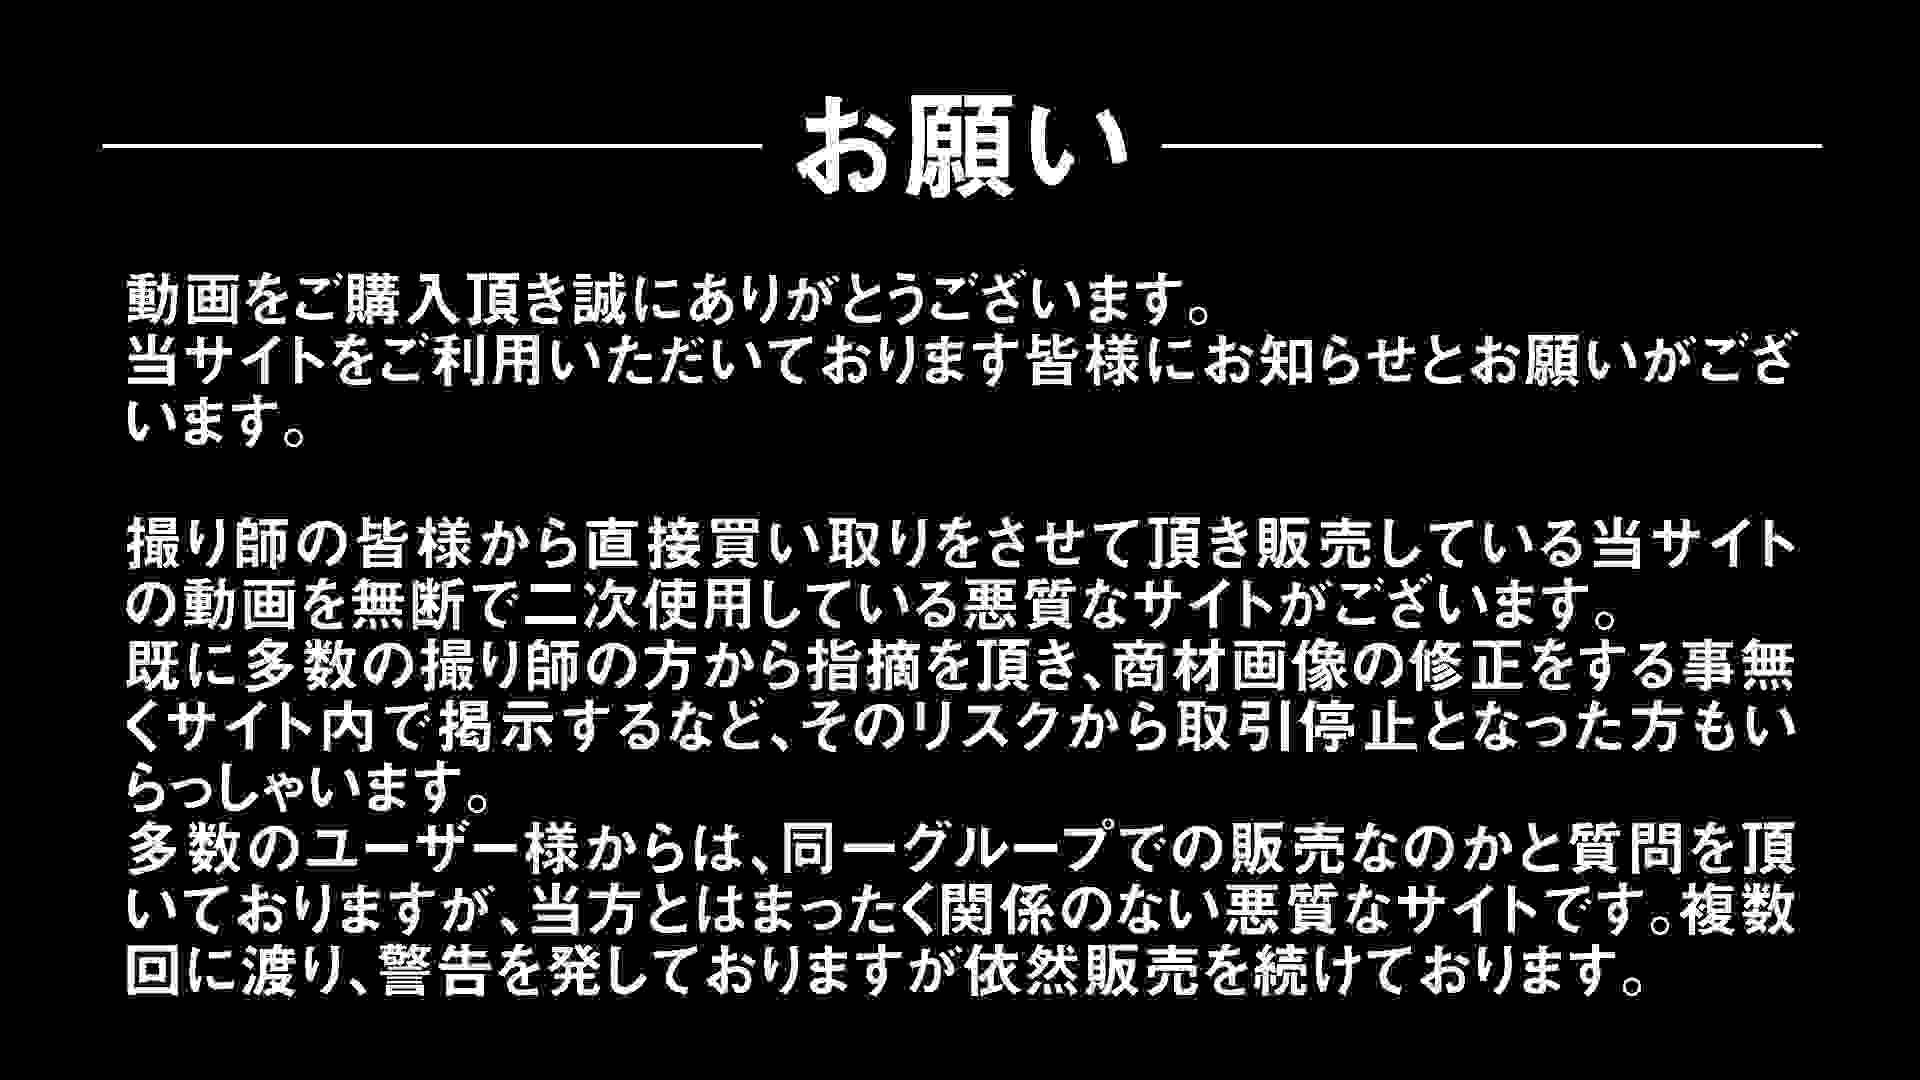 Aquaな露天風呂Vol.300 OLのエロ生活 隠し撮りオマンコ動画紹介 83連発 2